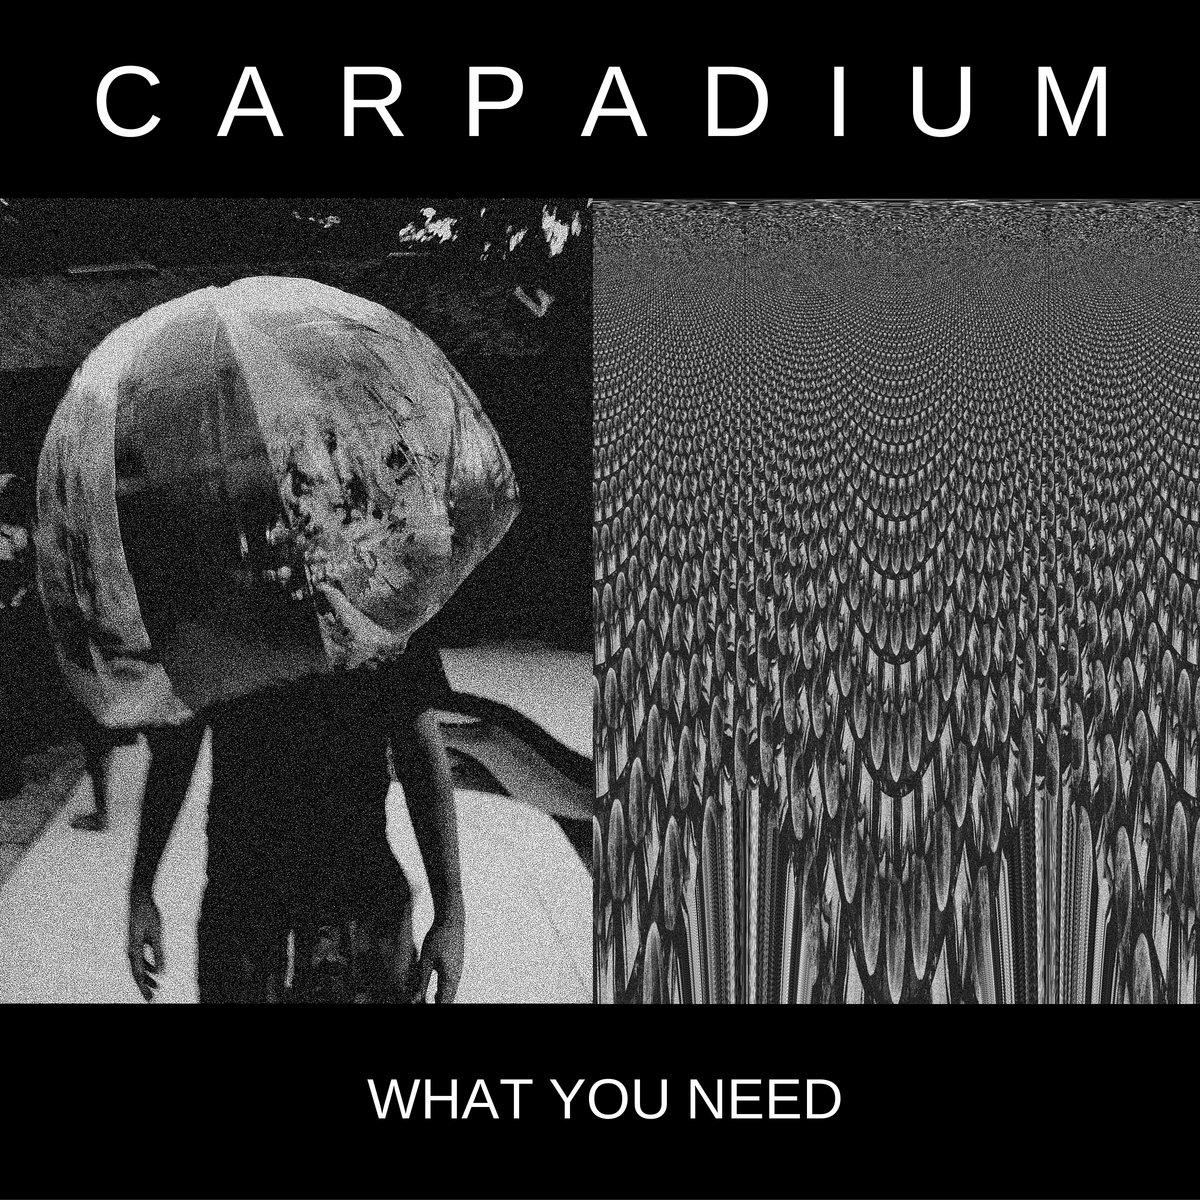 aa a aaaaaa aa aaaa a aa a carpadium